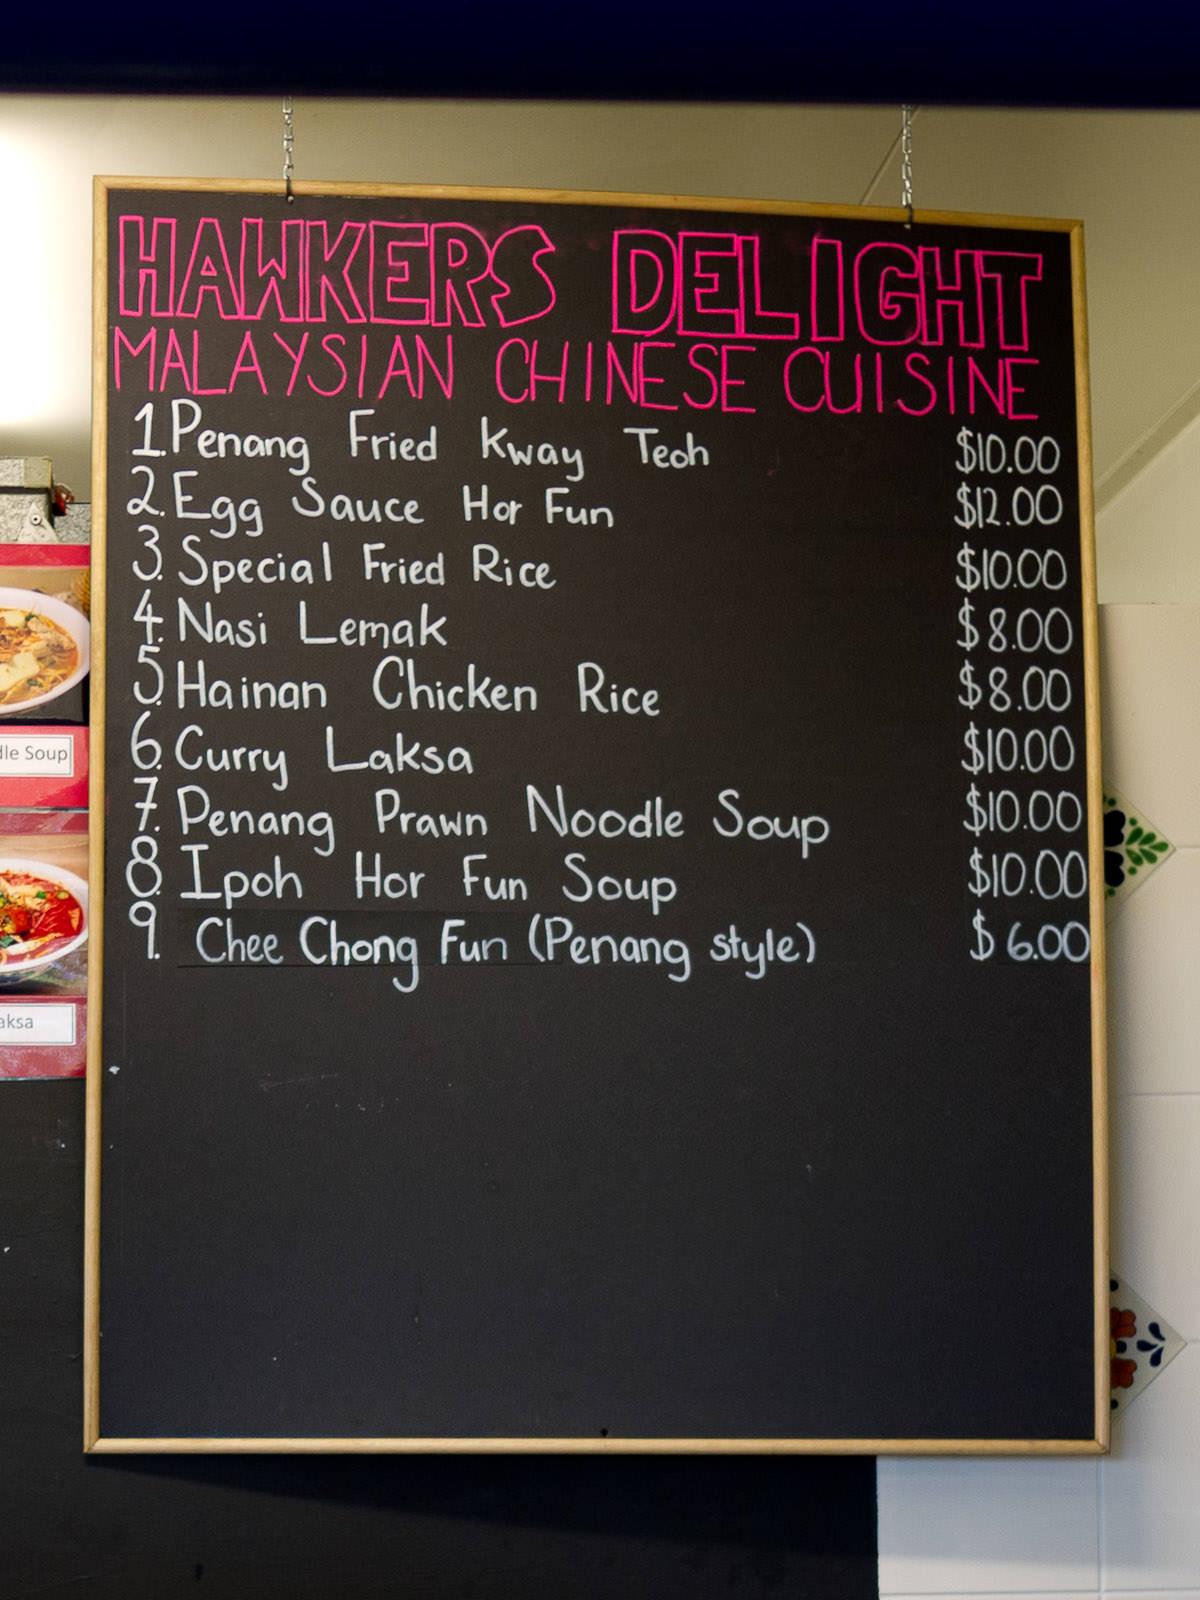 Hawkers Delight menu